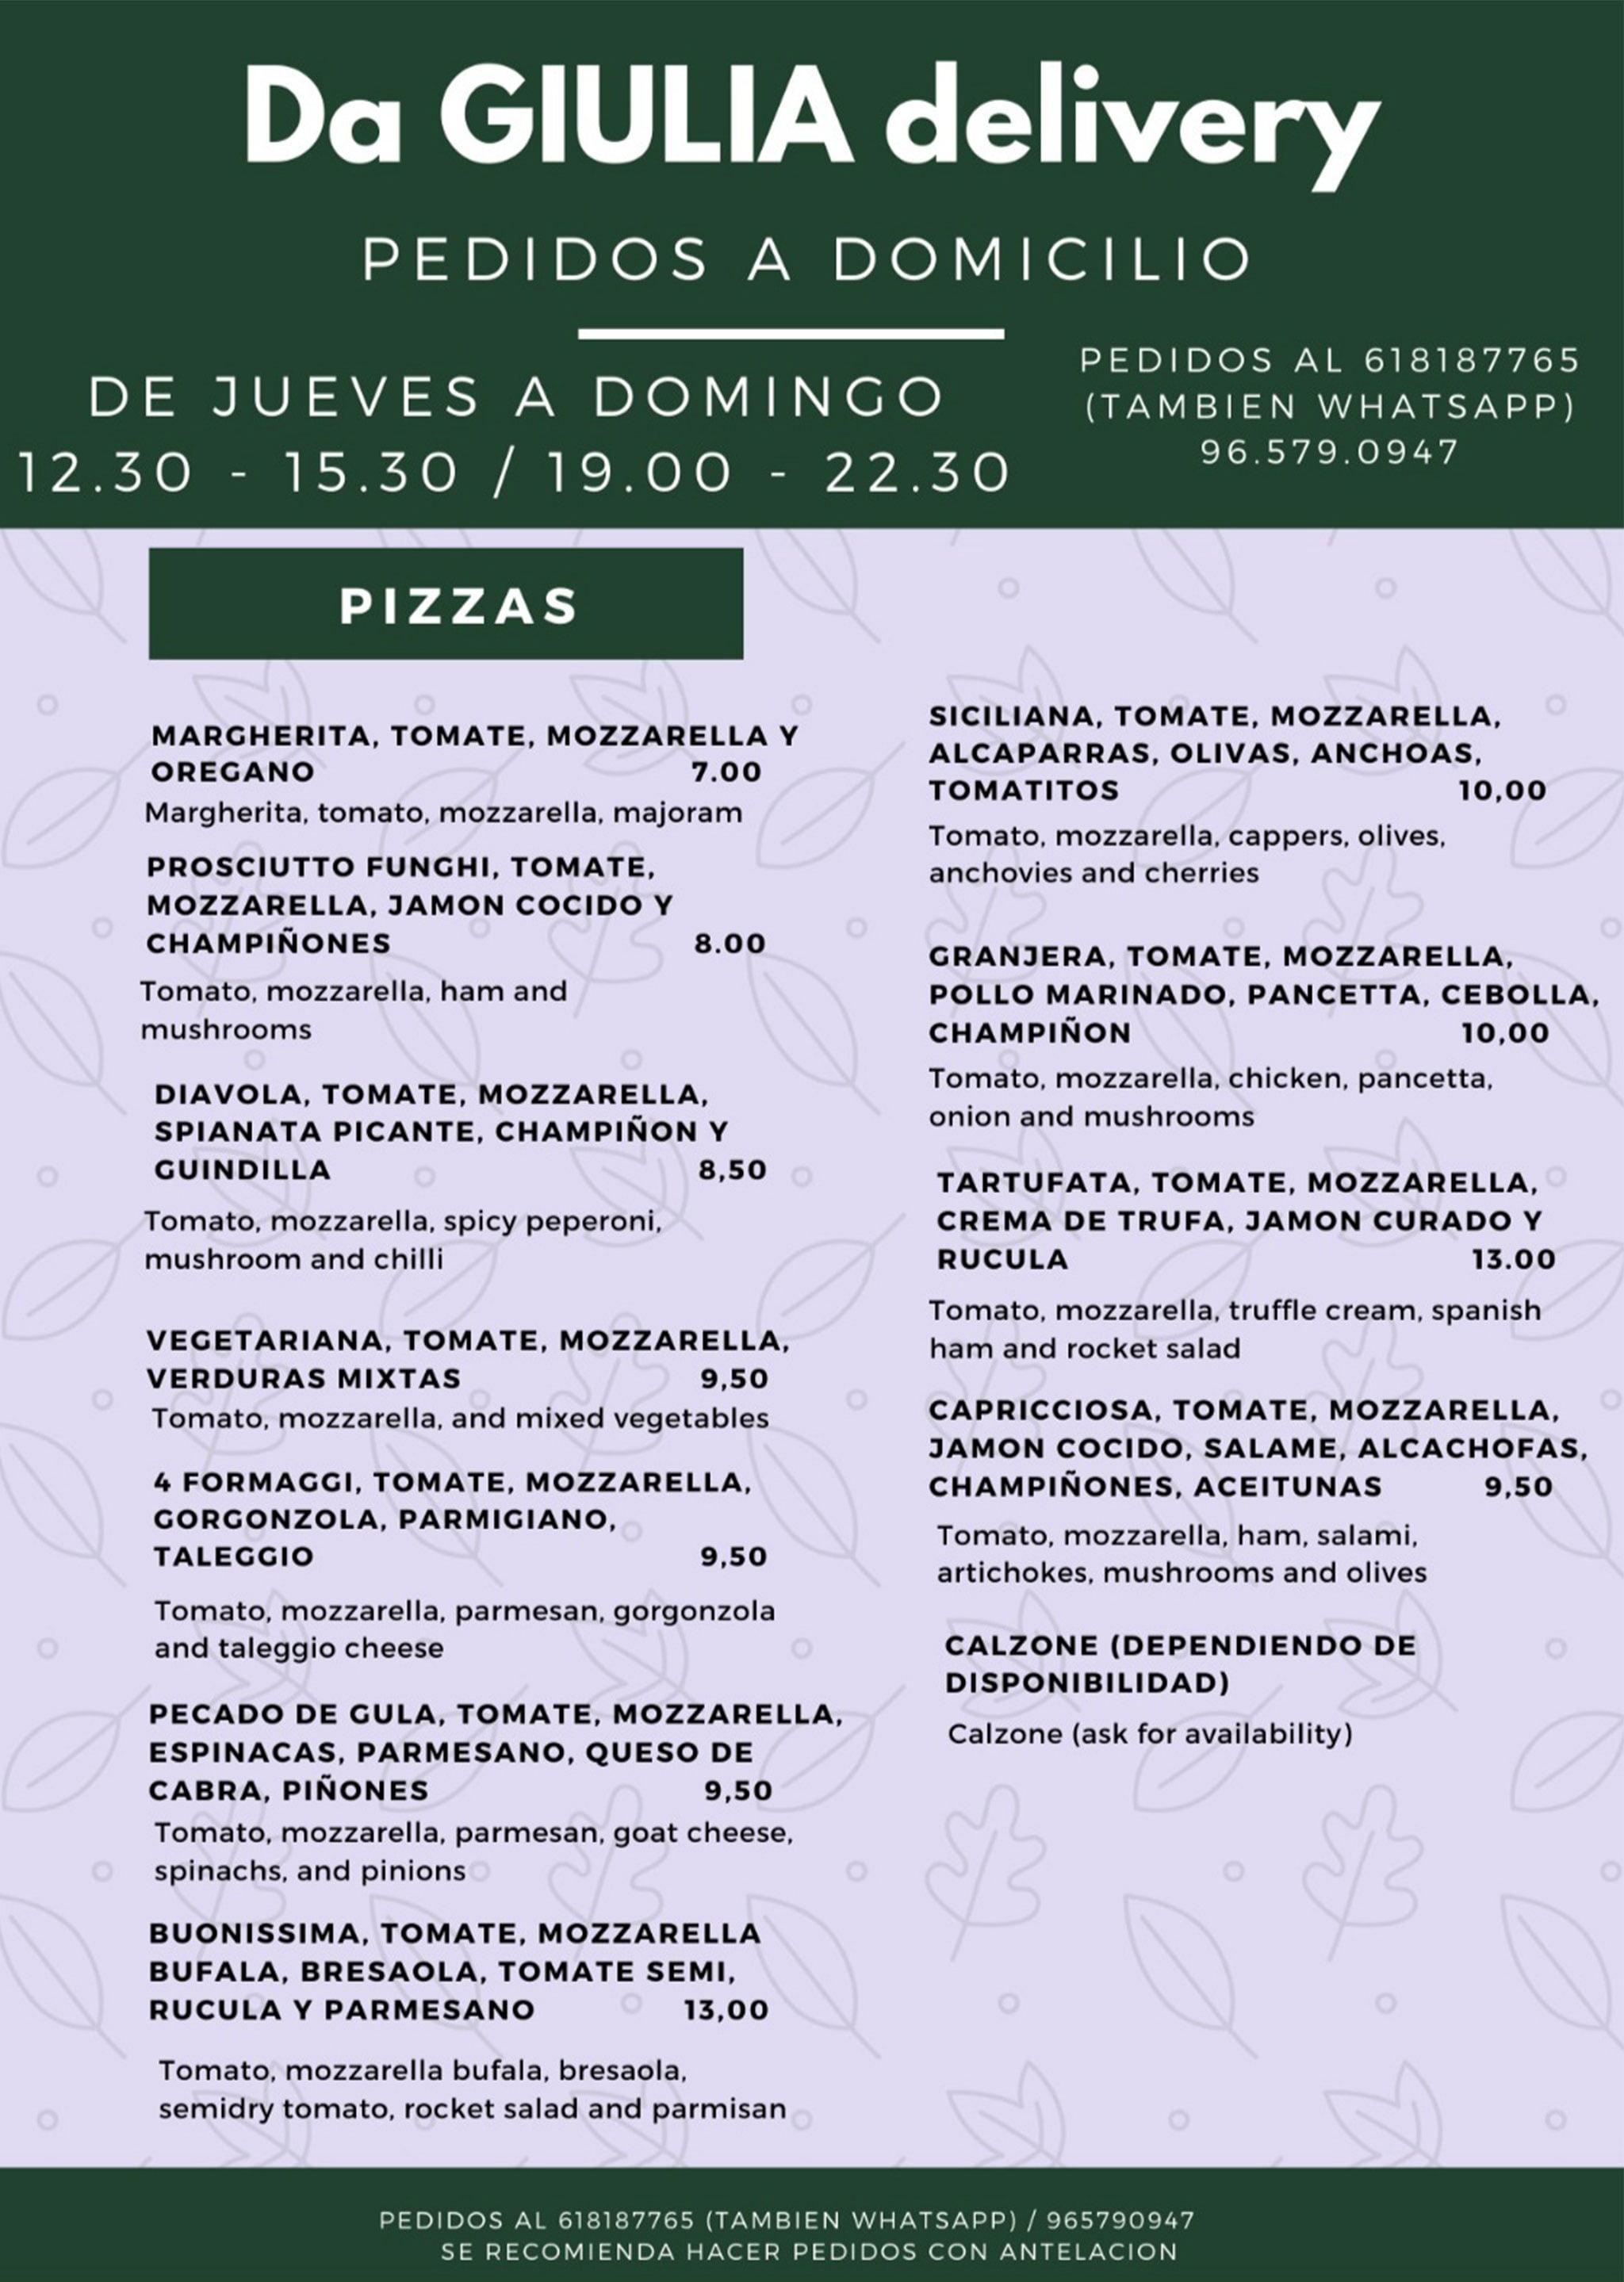 Pide una pizza a domicilio – Restaurante Da Giulia